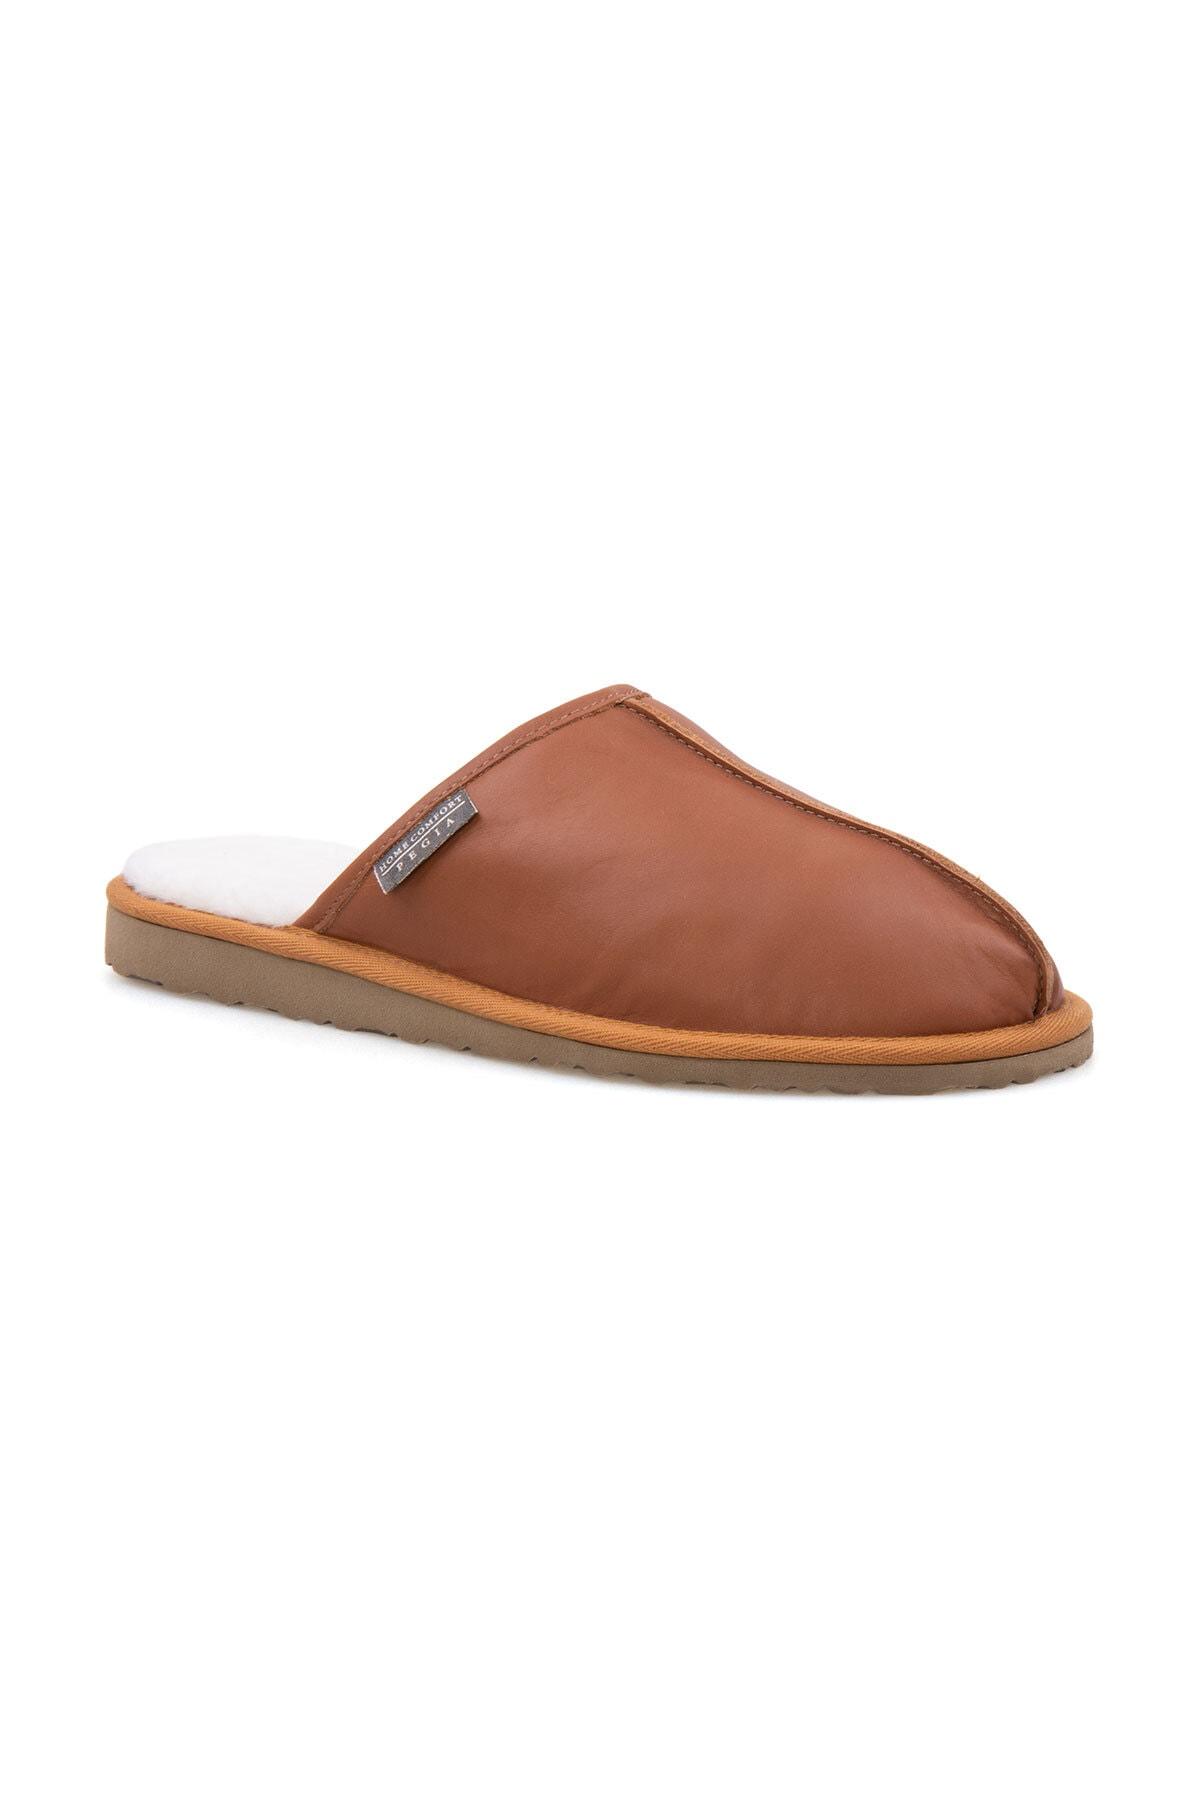 Pegia Erkek Taba Deri Kürklü Ev Ayakkabısı 111012 1